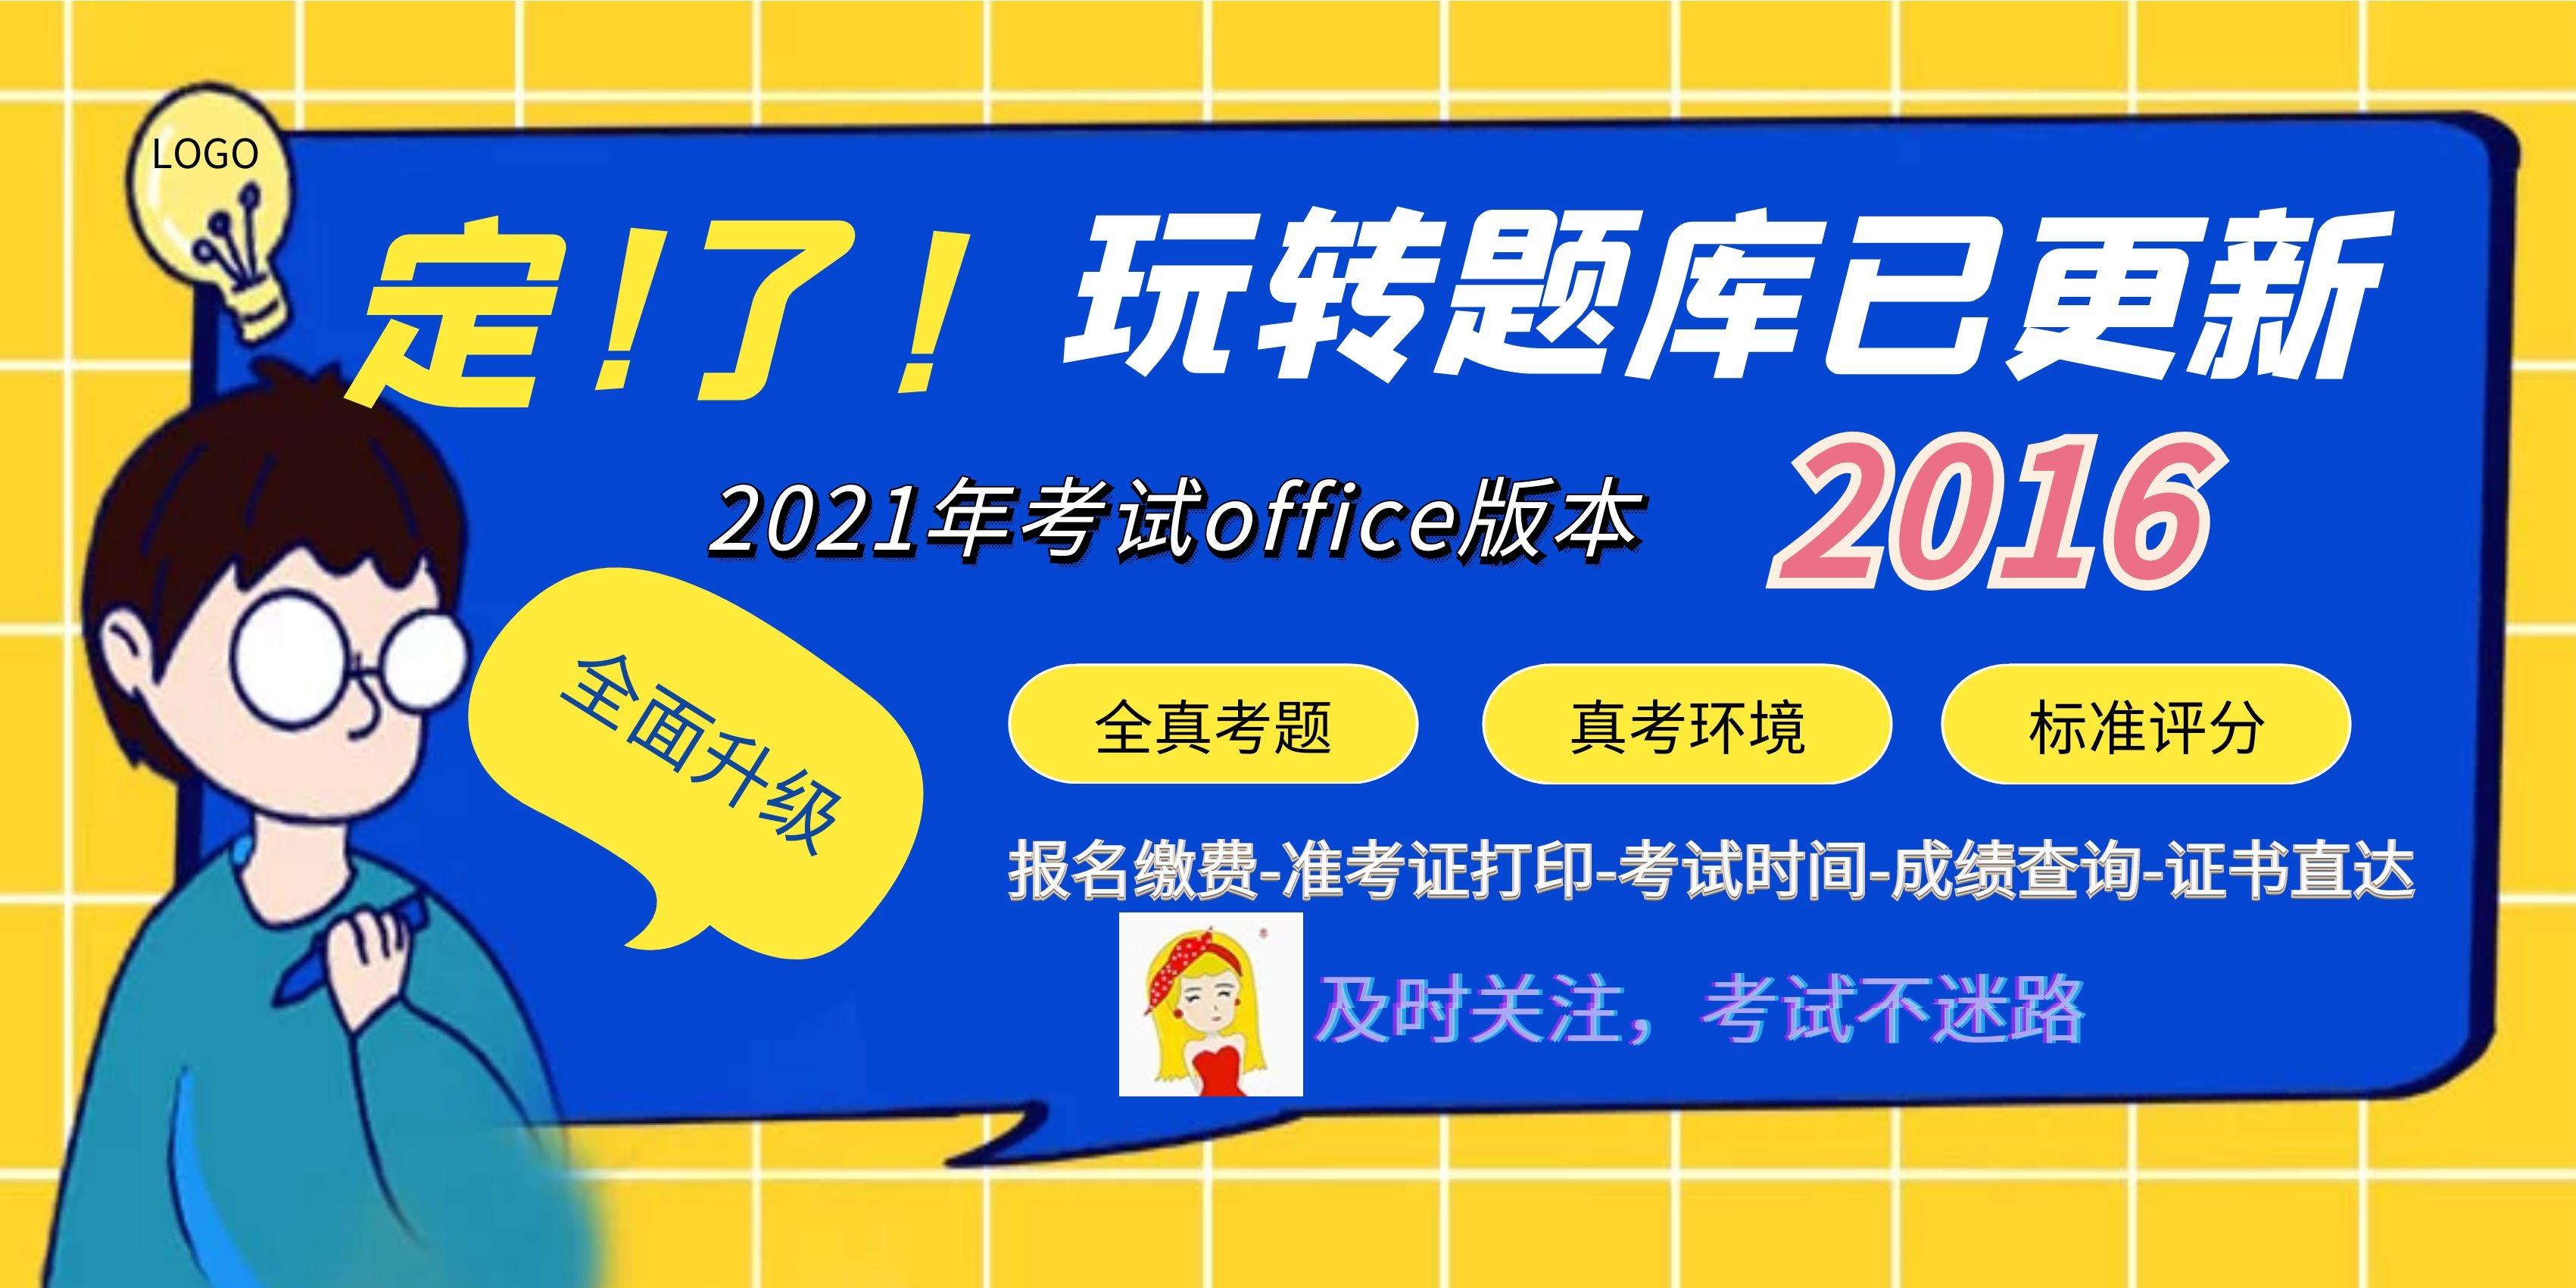 2021计算机等级考试二级OFFICE2016考场软件下载